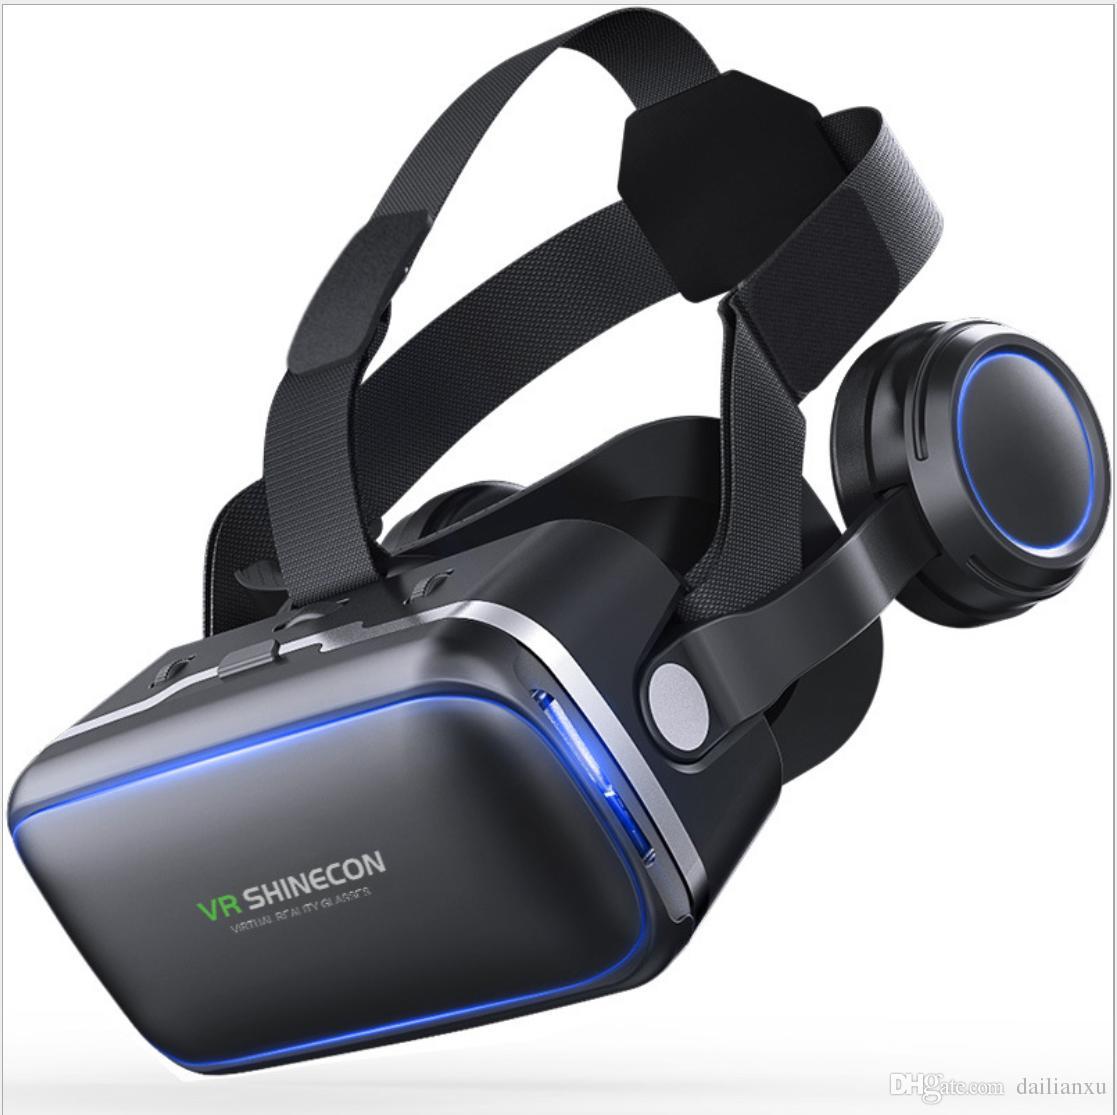 Acheter Casque D origine VR Shinecon 6.0 Version Lunettes De Réalité  Virtuelle Lunettes 3D Casque De  45.23 Du Dailianxu   DHgate.Com 70425c956c78